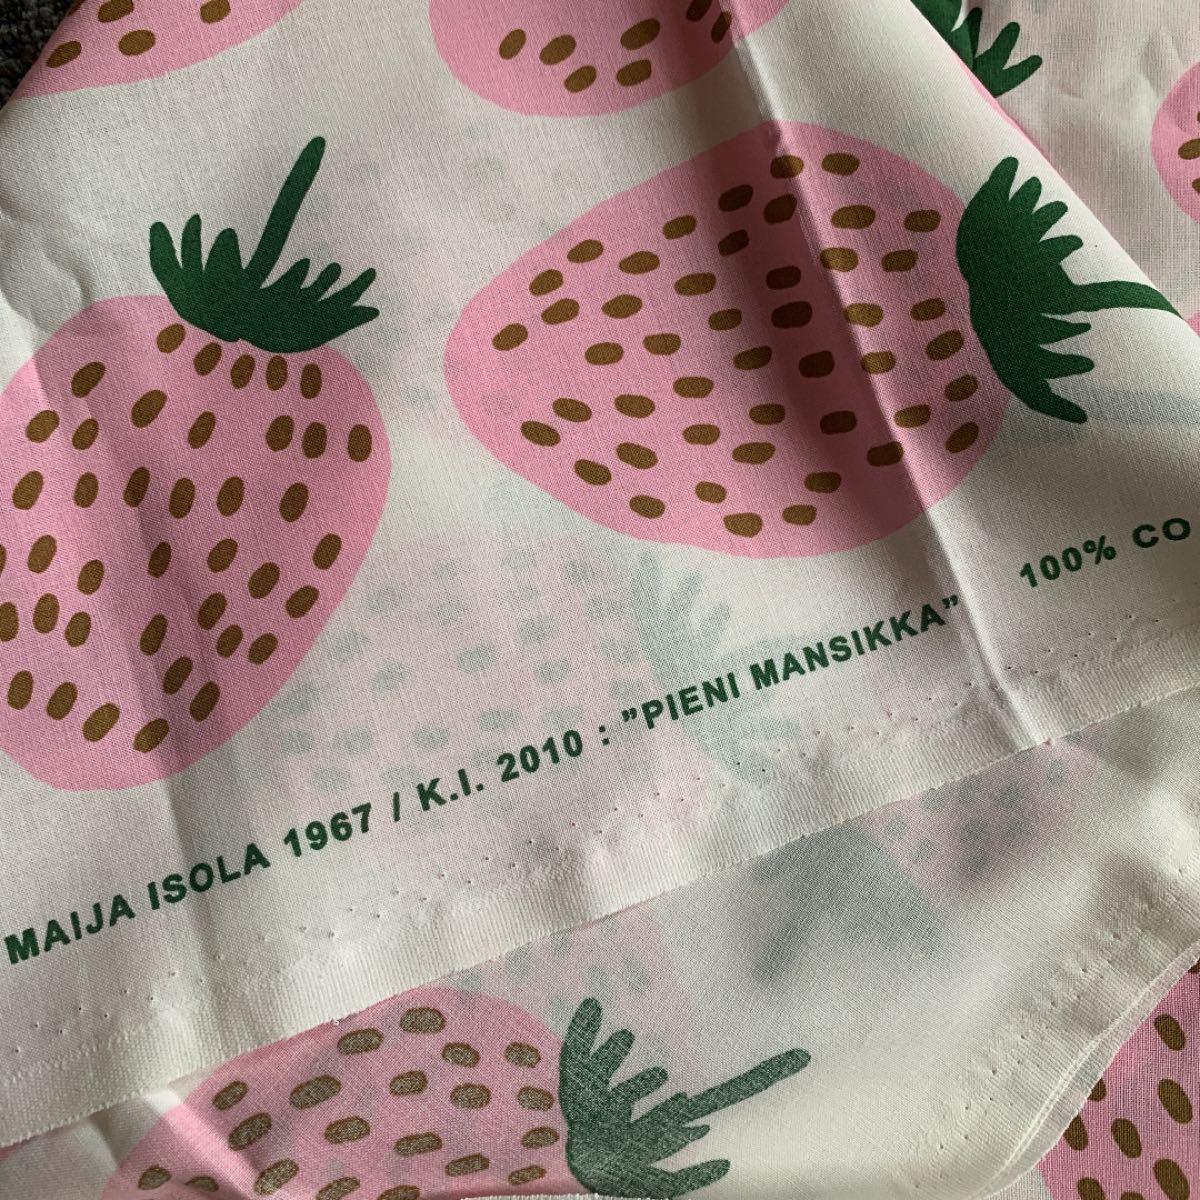 レア★新品 marimekko はぎれ 生地 ピエニマンシッカ 薄ピンク pieni mansikka 布 いちご